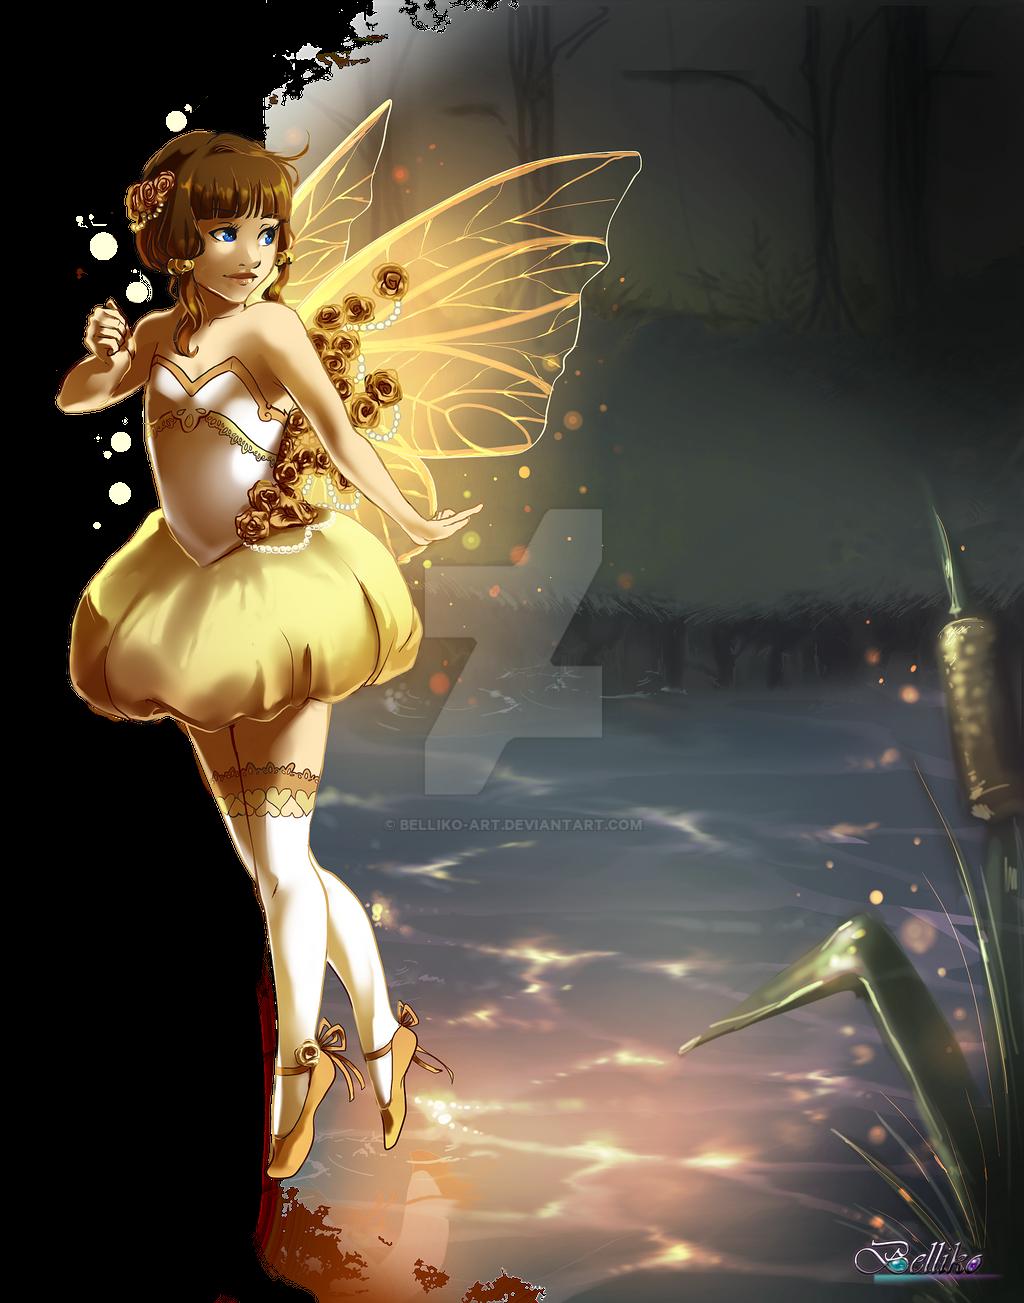 The golden faerie by Belliko-art